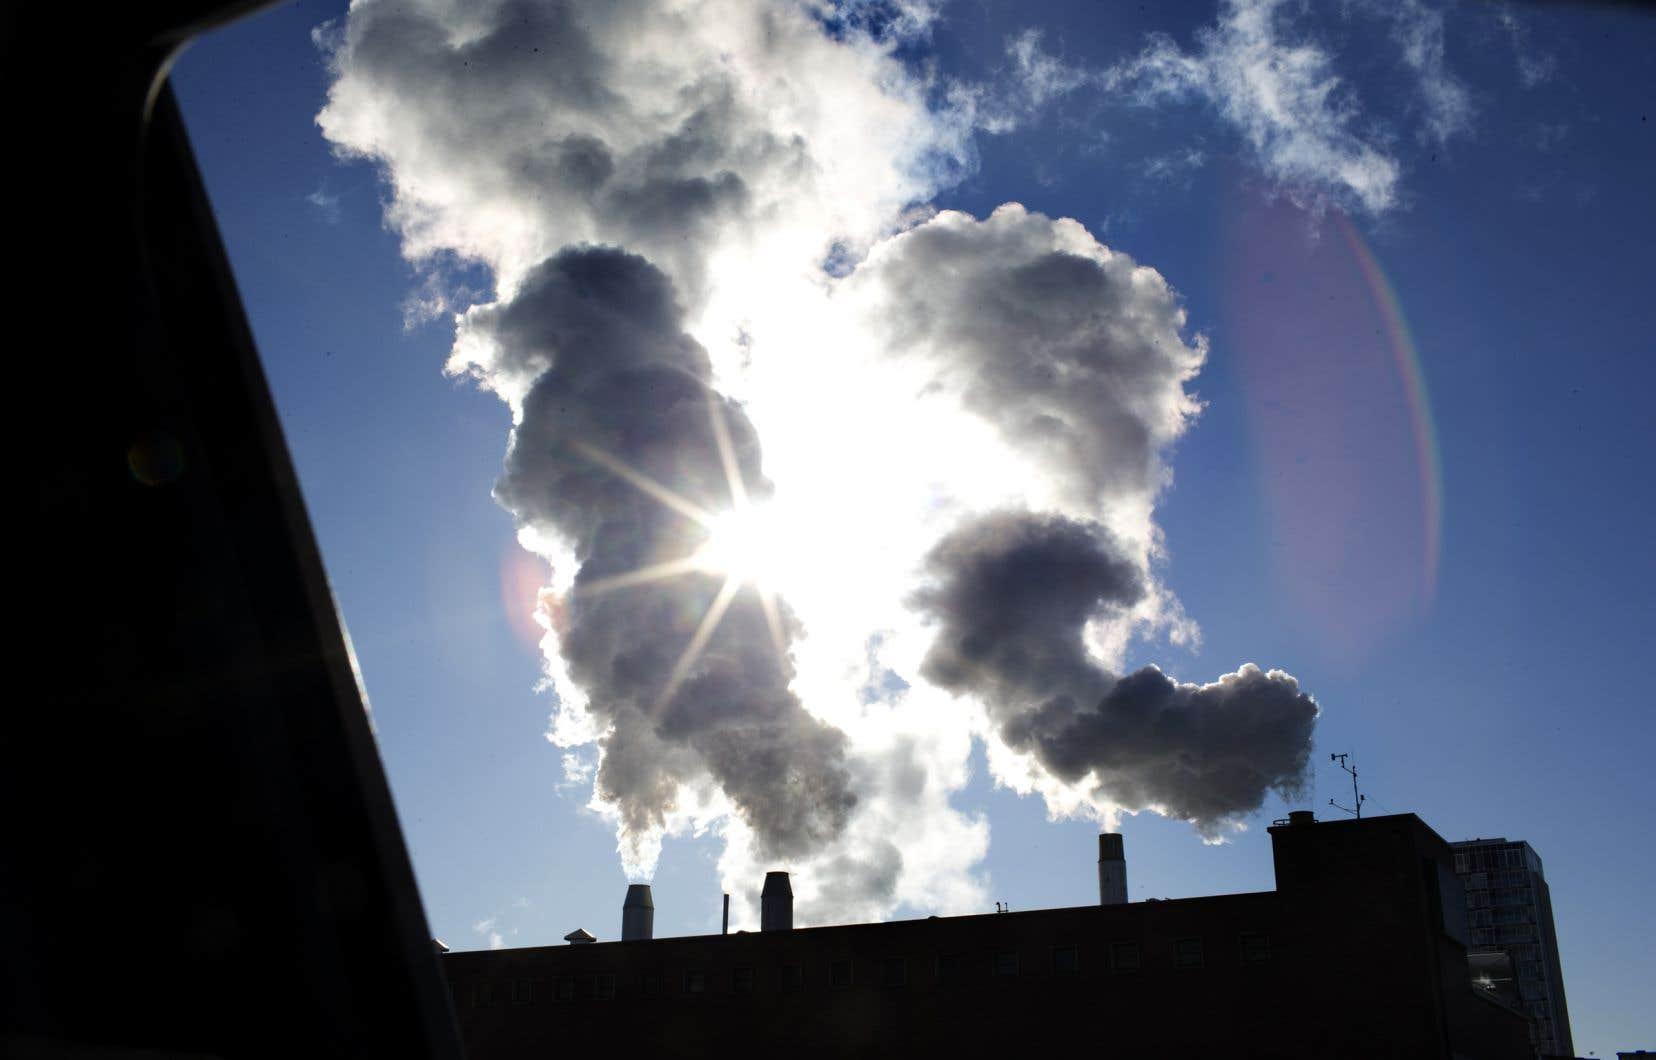 Les municipalités canadiennes peuvent avoir un impact sur plus de la moitié des émissions de gaz à effet de serre générées au Canada, selon Don Iverson.